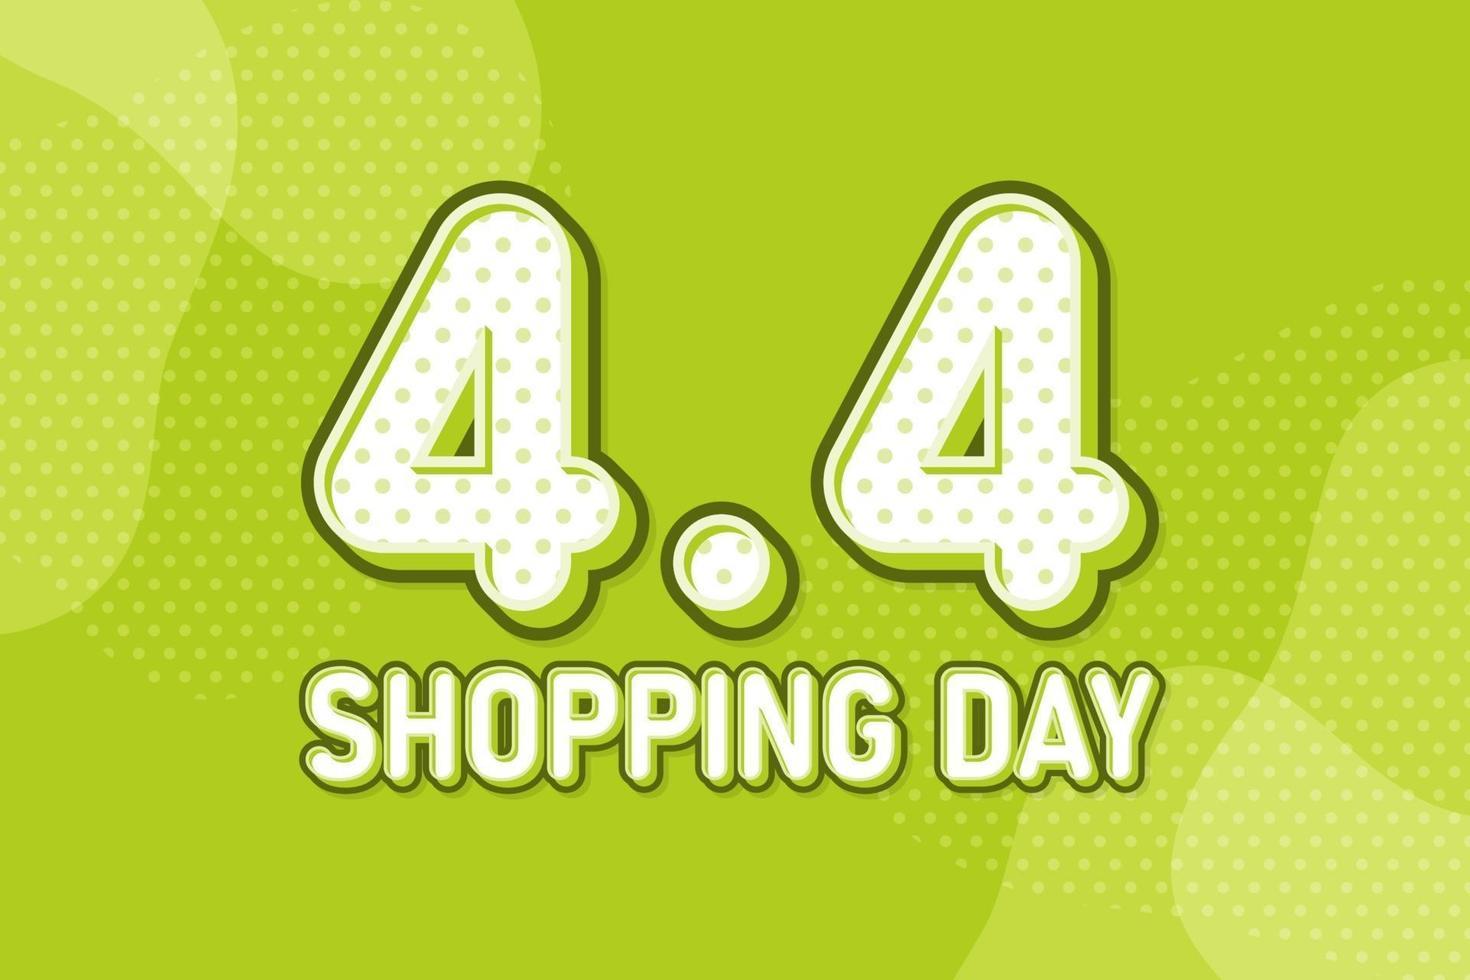 4.4 winkeldag, tekstmarketingbanner. pastel popart toespraak ontwerp. vector illustratie